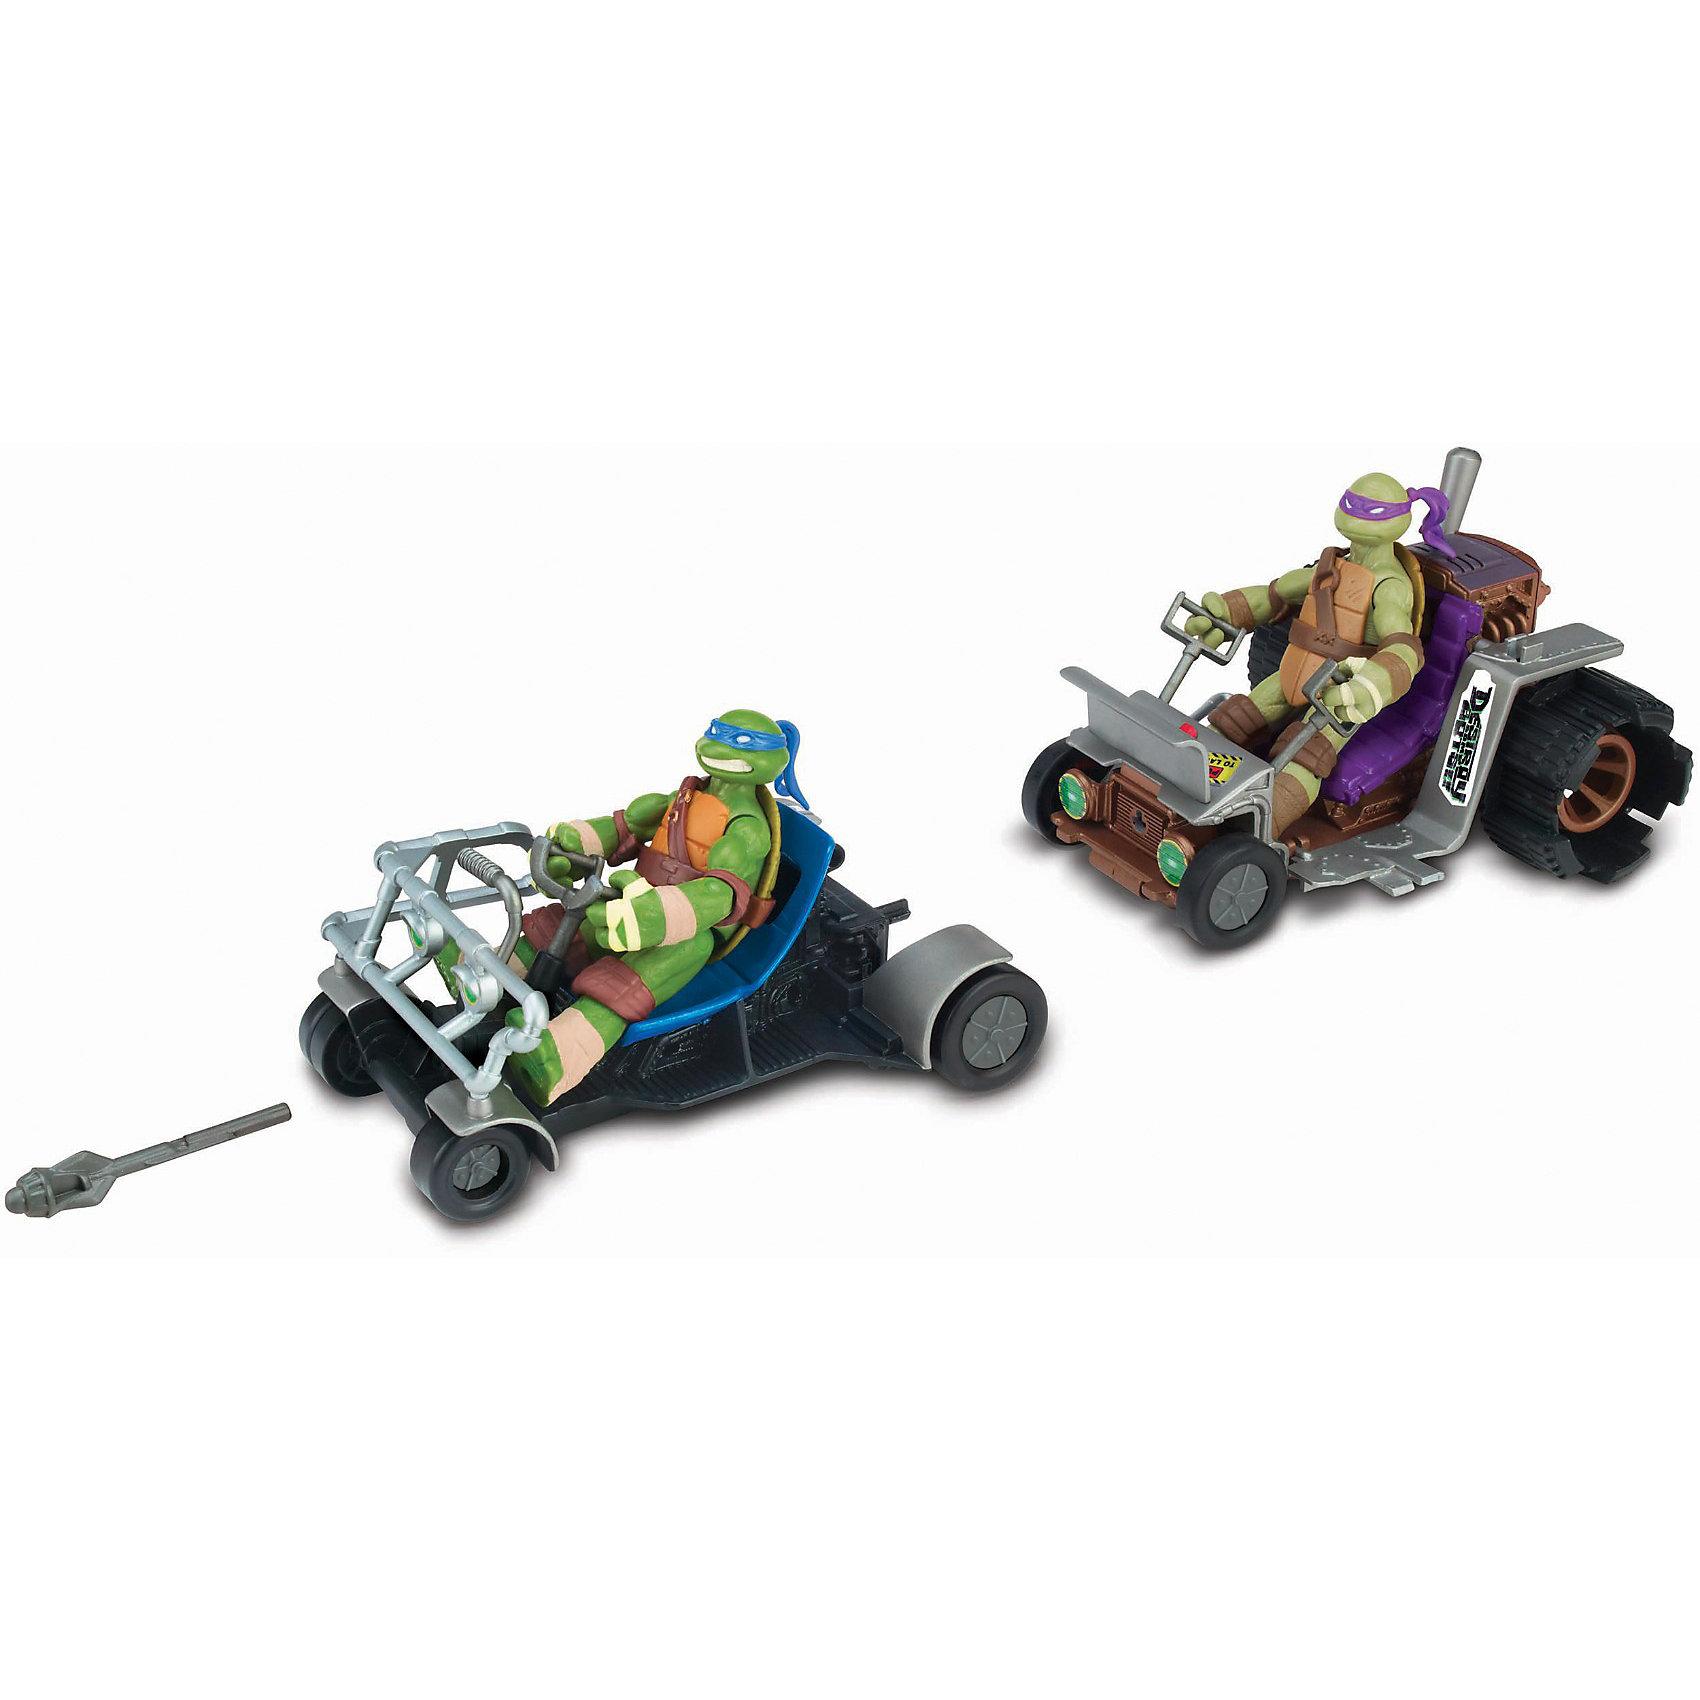 Патрульные Леонардо и Донателло, Черепашки НиндзяПатрульные багги «Черепашек-ниндзя» (Ninja Turtles) - игровой набор из двух боевых багги, предназначенных для Леонардо и Донателло.    <br>На место водителя  отлично подходит любая из фигурок «Черепашек- Ниндзя»  12см.<br>Патрульными багги можно играть, как отдельно, так и соединять две багги друг с другом.<br>С помощью нажатия  рычага багги Донателло  запускает  патрульную  багги  Леонардо, и та с ускорением мчится навстречу неприятелю.<br>Багги  Леонардо  оснащена специальным оружием, выпускающим боевые снаряды, одно нажатие на рычаг и снаряд летит точно в цель .<br>Багги также могут сцепляться с патрульными машинами Рафаэля и Микеланджело (продаются отдельно),образуя мощнейшее транспортное средство из четырёх патрульных багги.<br>Город может спать спокойно, ведь теперь его патрулируют самые смелые герои на своих скороходных багги.<br>Данный игровой набор развивает фантазию, воображение, умение создать сюжетно- ролевую игру. Патрульные багги Черепашек-Ниндзя» продаются  в яркой и красивой упаковке.<br><br>Боевые машины — это новое секретное оружие в арсенале Черепашек Ниндзя!<br> <br>Дополнительная информация:<br><br>- В комплекте: две багги и снаряд. Внимание! Фигурки «Черепашек-ниндзя» в комплект не входят и продаются отдельно<br>- Размер упаковки (ДхШхВ): 33 х 11 х 19 см.<br>- Игрушка механическая, не электронная, батареек не требует. <br>- Материал: Пластик<br>- Вес: 0,5 кг.<br><br>«Патрульные Багги(Лео и Дон), Черепашки Ниндзя» можно купить в нашем интернет-магазине.<br><br>Ширина мм: 330<br>Глубина мм: 110<br>Высота мм: 190<br>Вес г: 500<br>Возраст от месяцев: 48<br>Возраст до месяцев: 132<br>Пол: Мужской<br>Возраст: Детский<br>SKU: 3377414